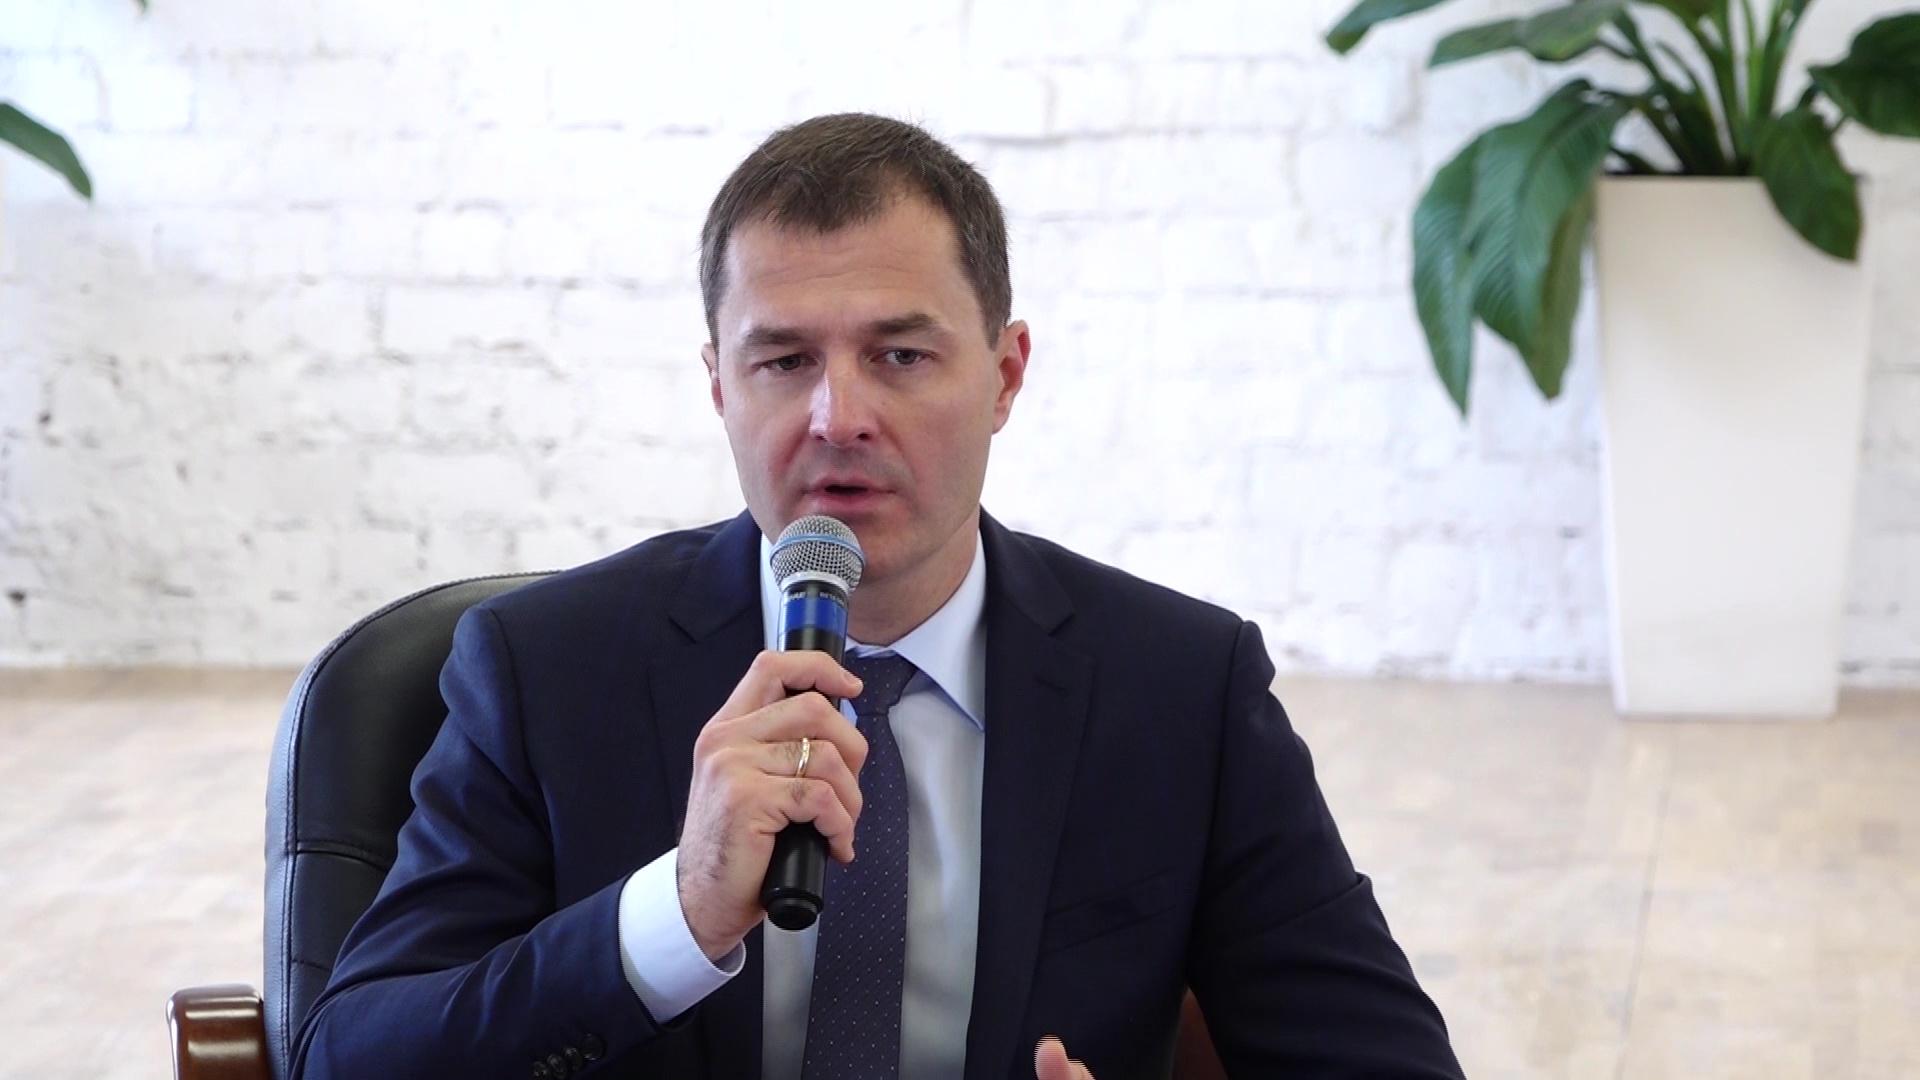 Уборка города и судьба стадиона «Шинник»: мэр Ярославля ответил на вопросы журналистов